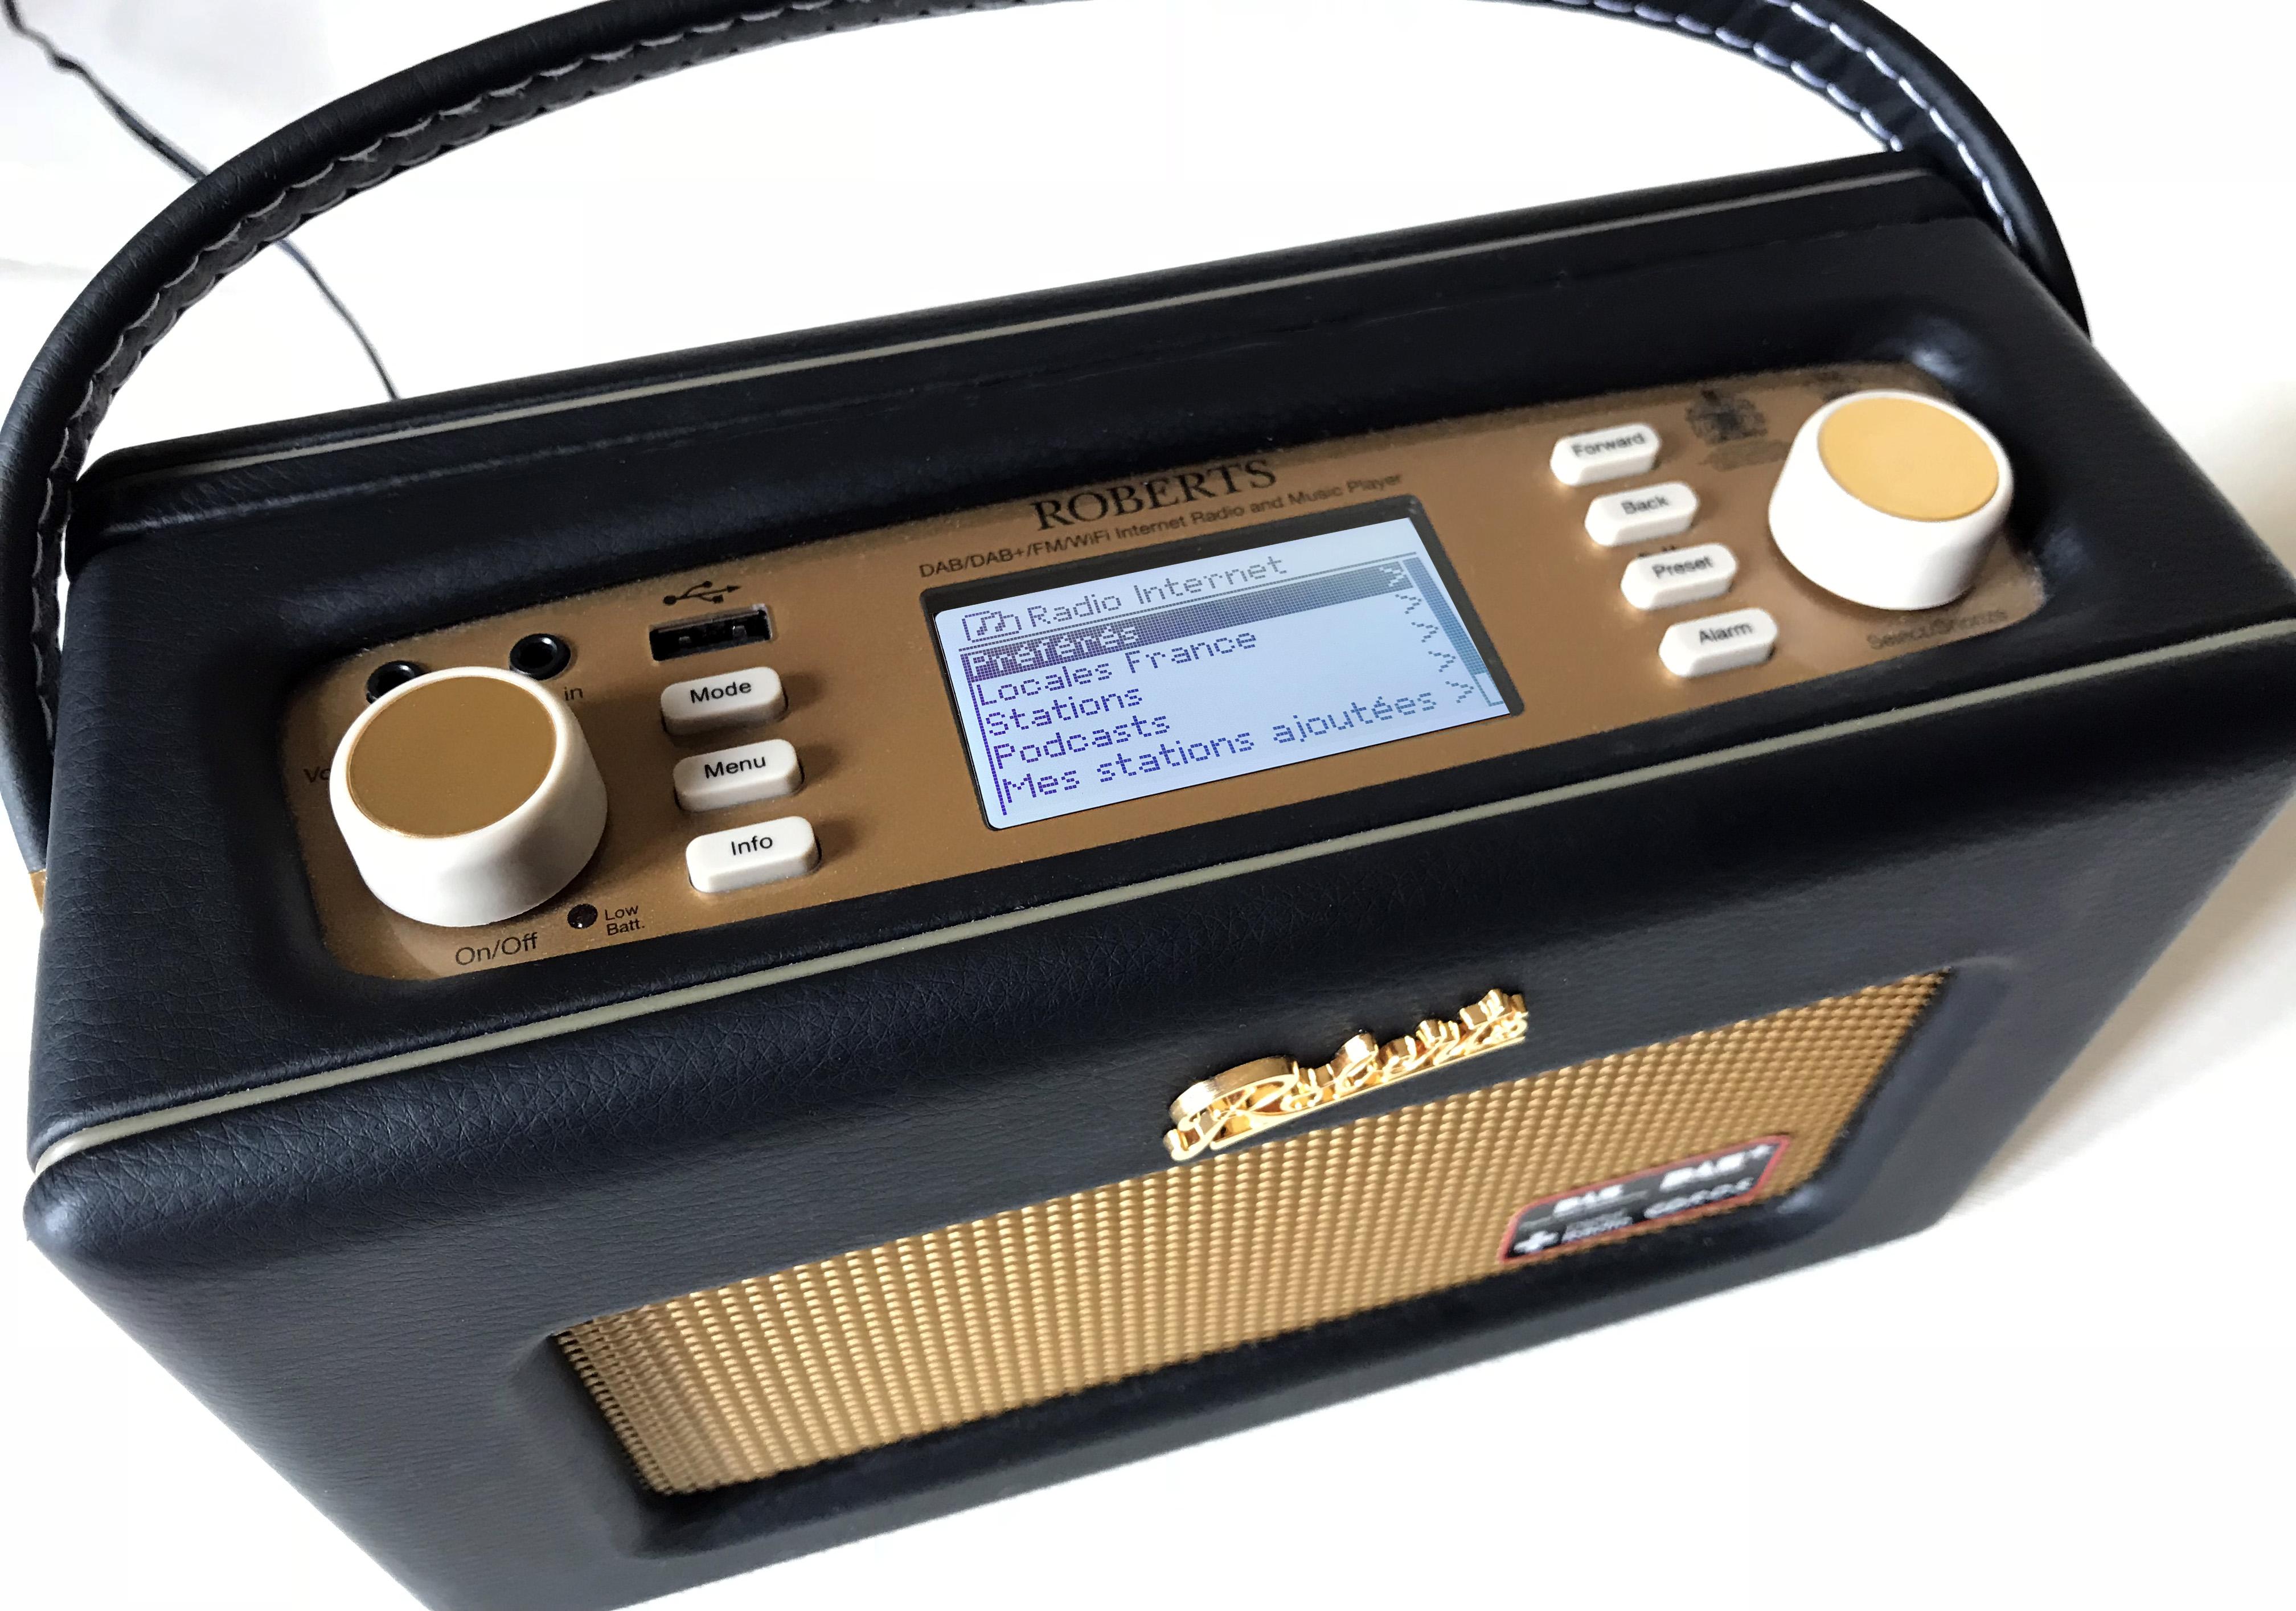 Test du poste de radio numérique iStream 2 Revival de Roberts avec son triple tuner radio FM, DAB+ et Internet